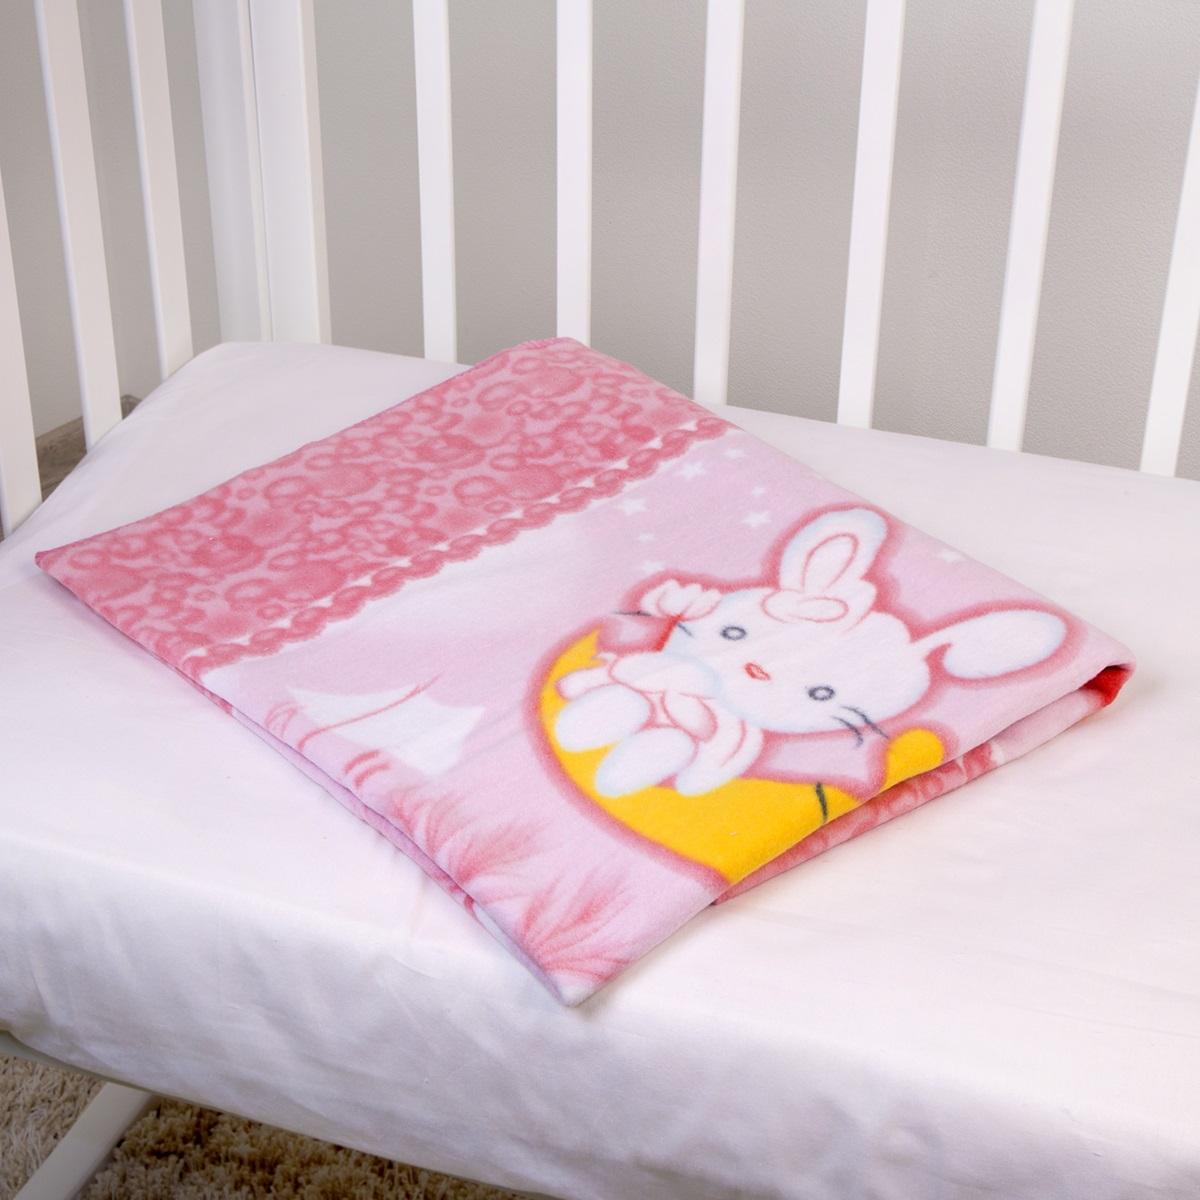 Купить Одеяло байковое, model, 1шт., Baby Nice D311511(311334), Россия